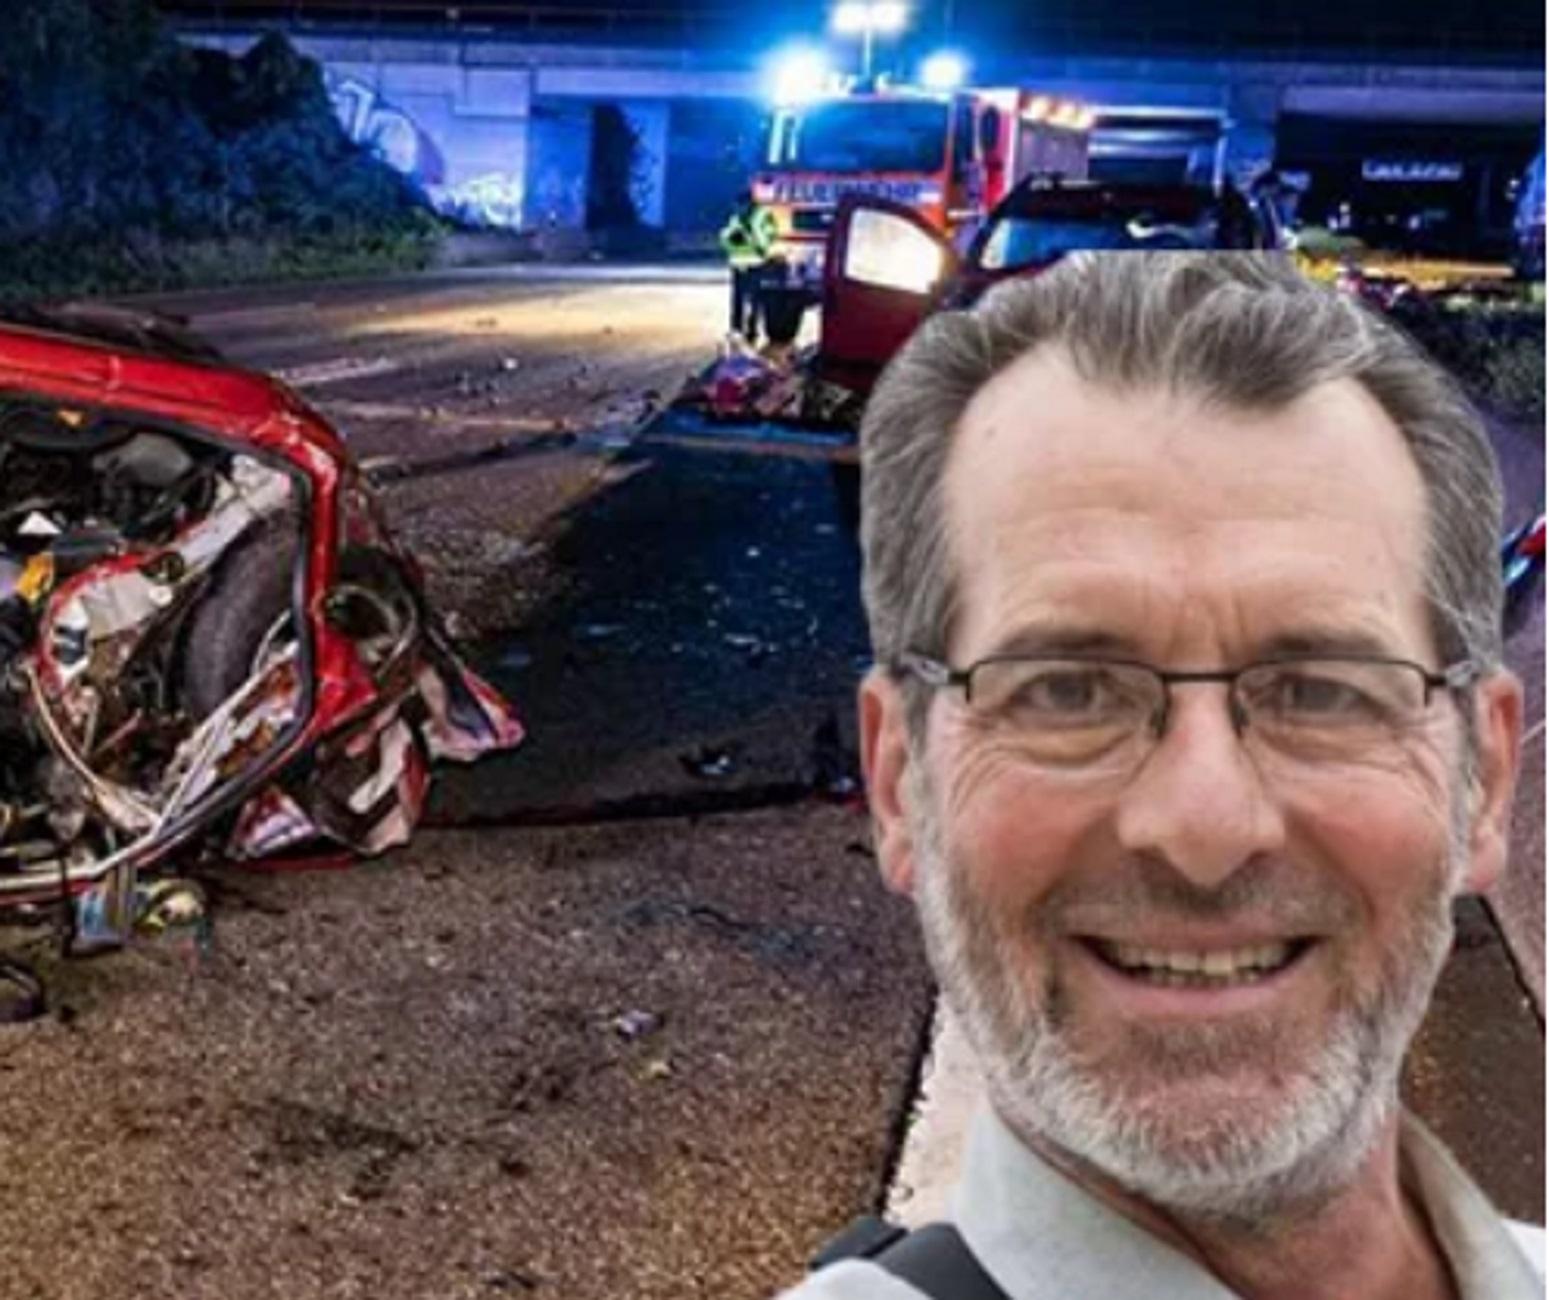 Βόλος: Σκοτώθηκε σε φονική καραμπόλα 6 αυτοκινήτων στη Γερμανία ο Βασίλης Μπαρλάς!